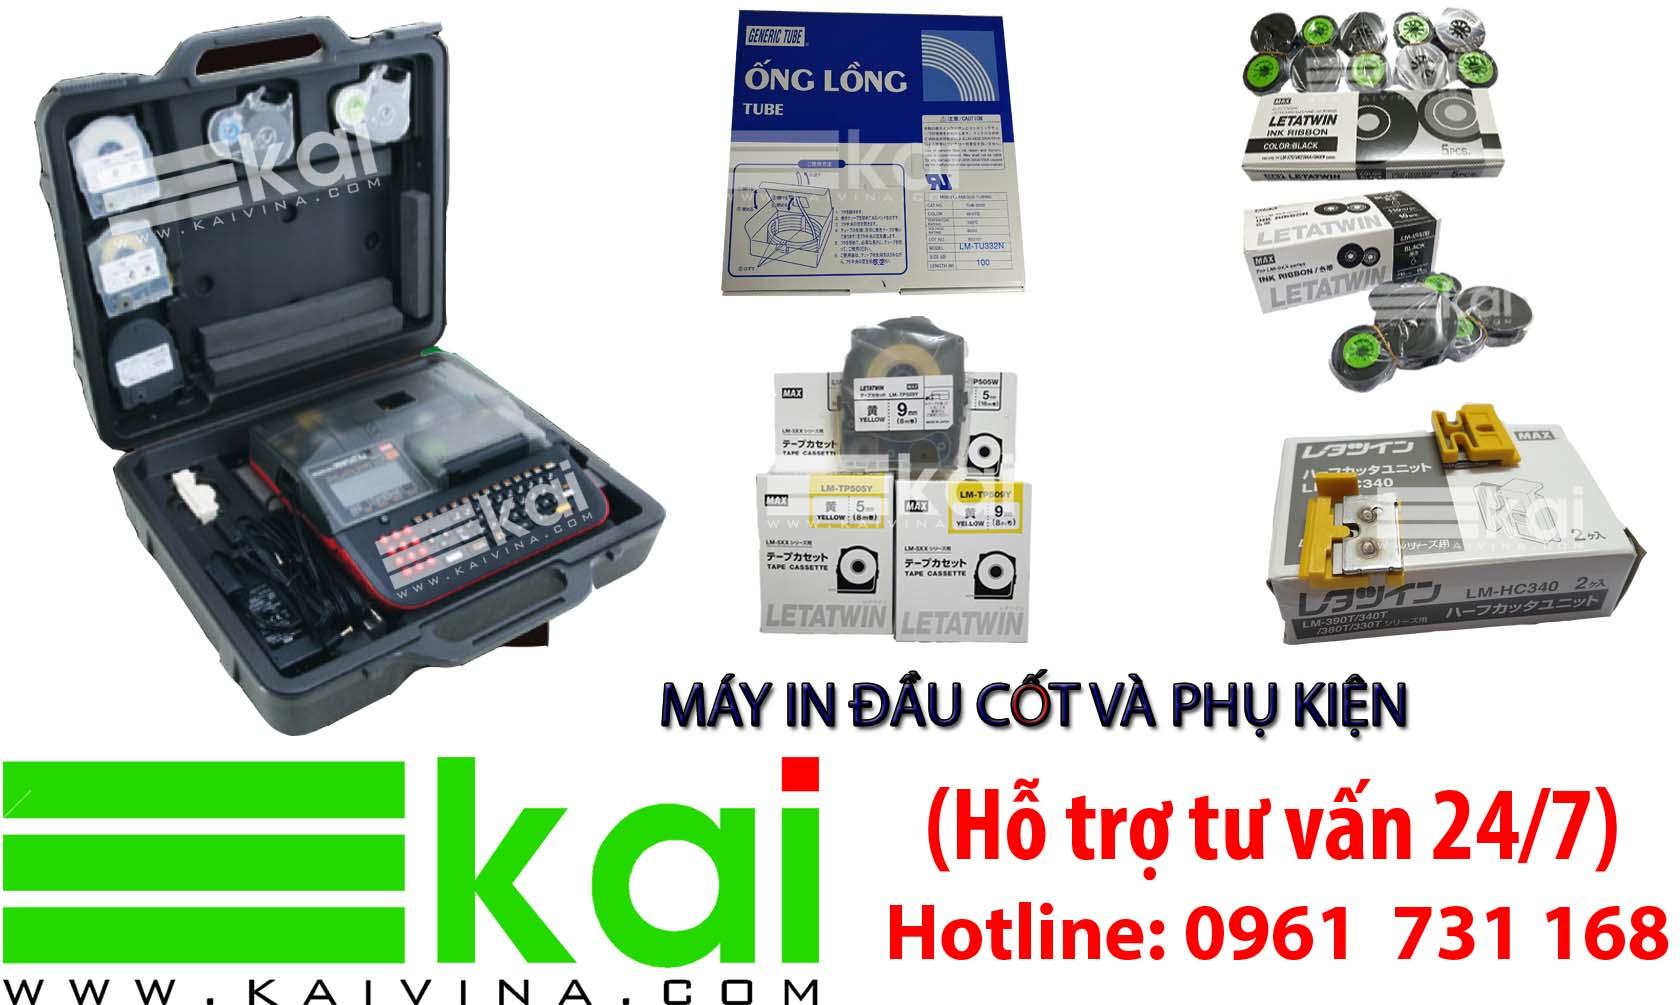 Danh sách phụ kiện máy in đầu cốt LM-380, LM-390, LM-550 MAX JAPAN